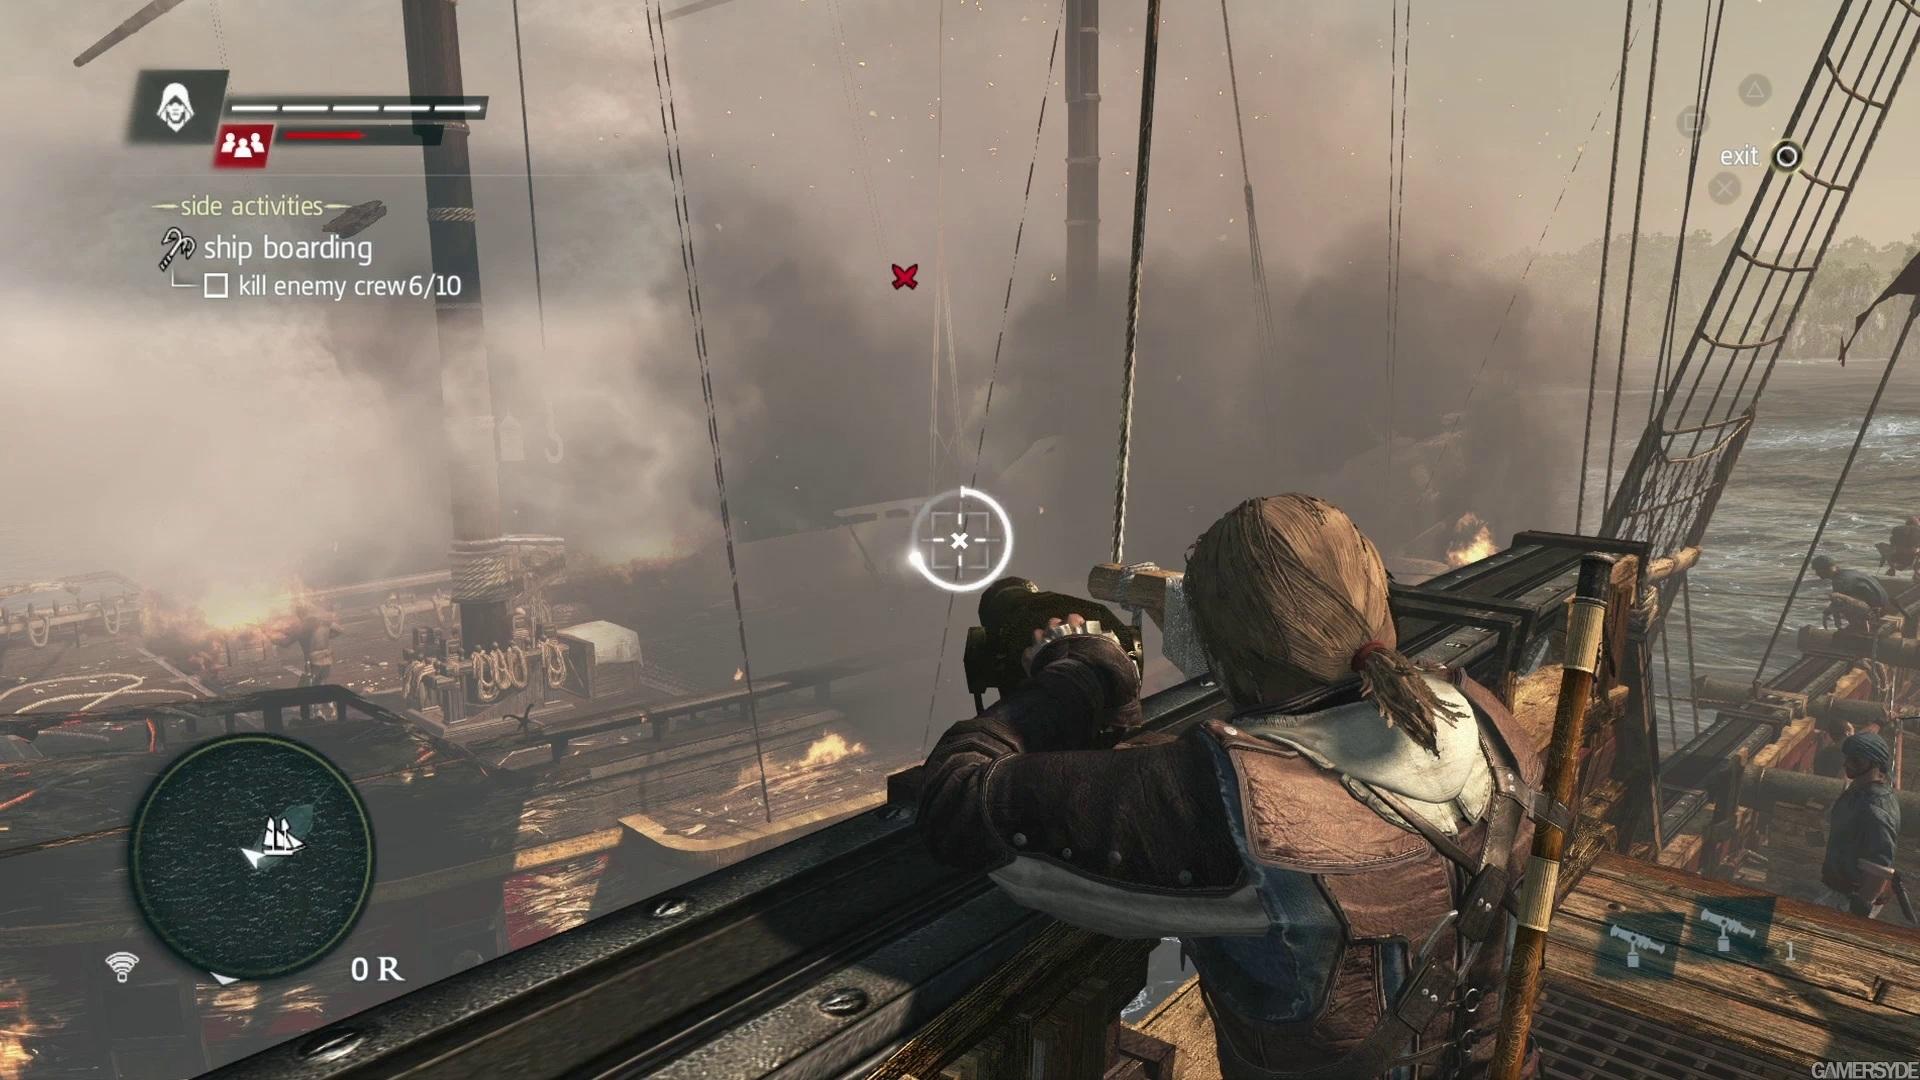 image   23118 1 0015 با تصاویر جدید Assassins Creed IV، شکار کوسه، پیدا کردن گنج ها در زیر آب و بیشتر را ببینید